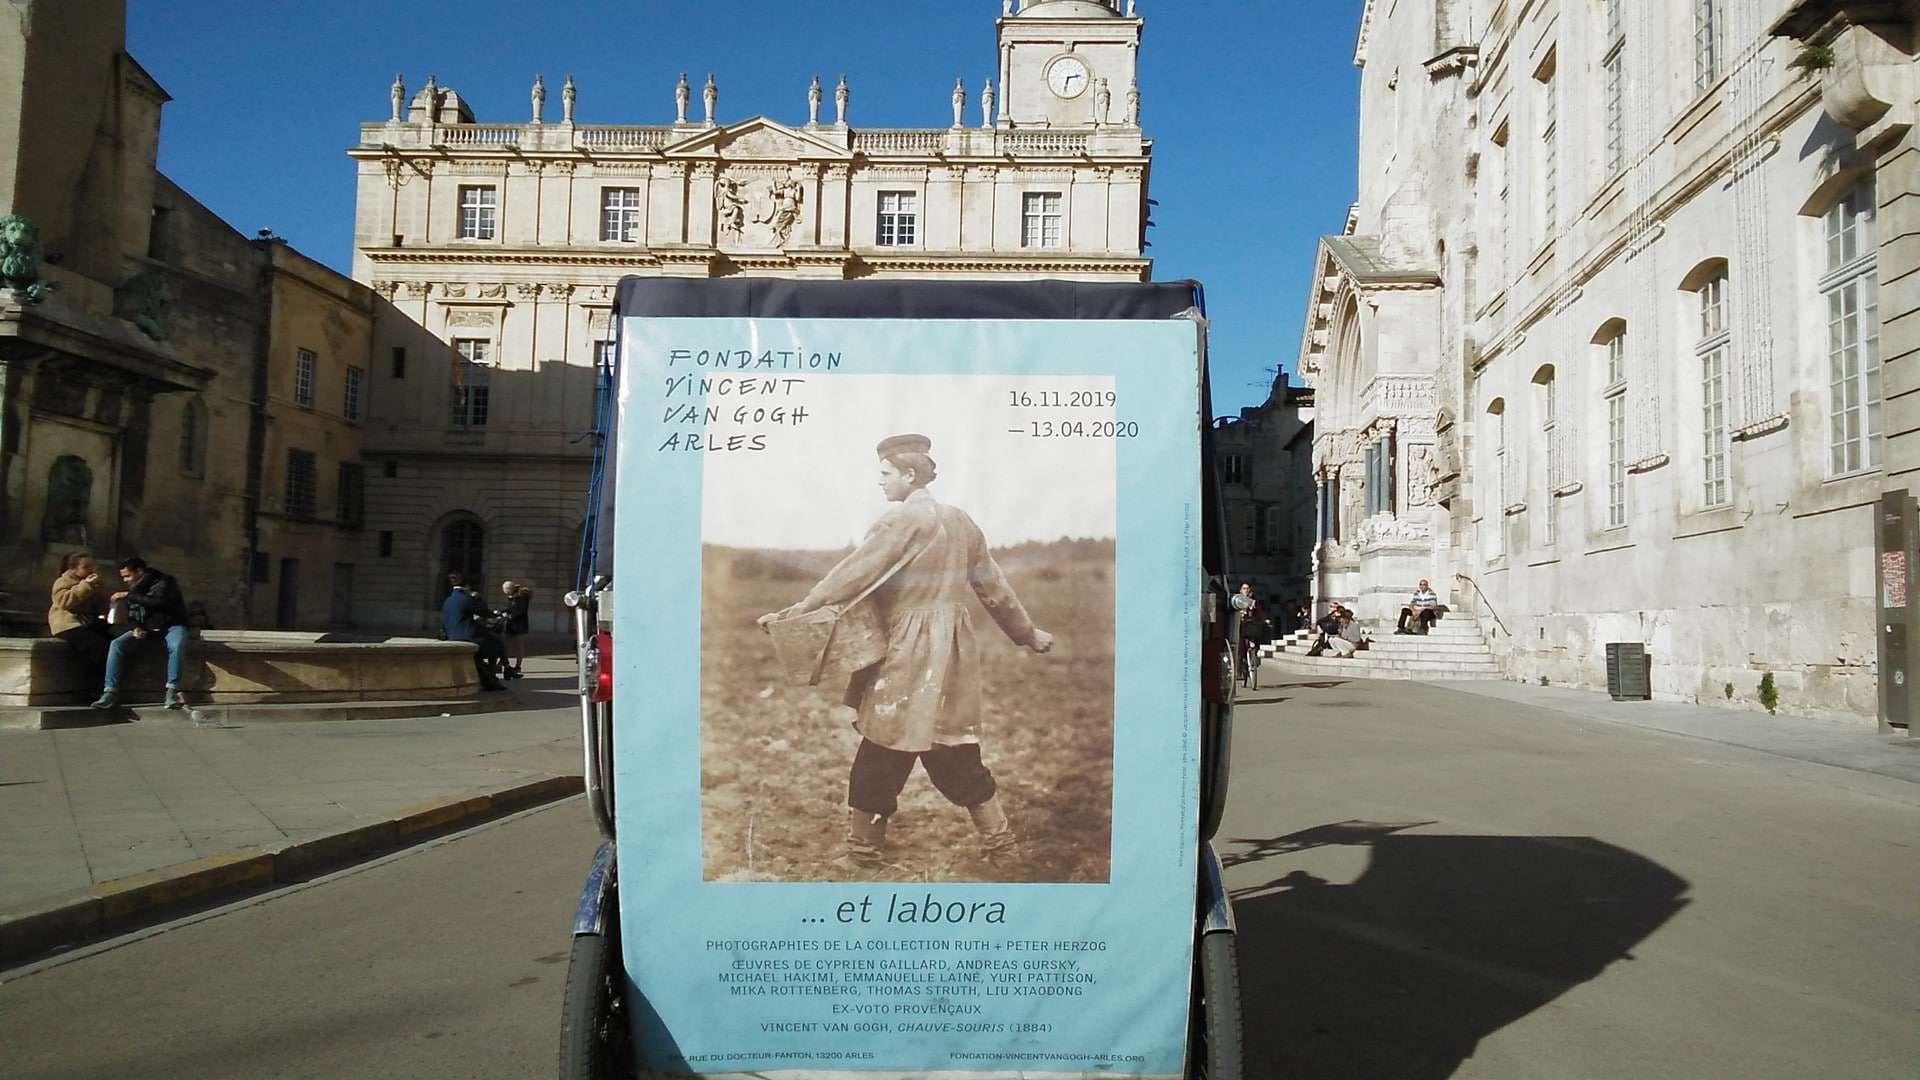 Nouvelle exposition à la Fondation Vincent Van Gogh d'Arles